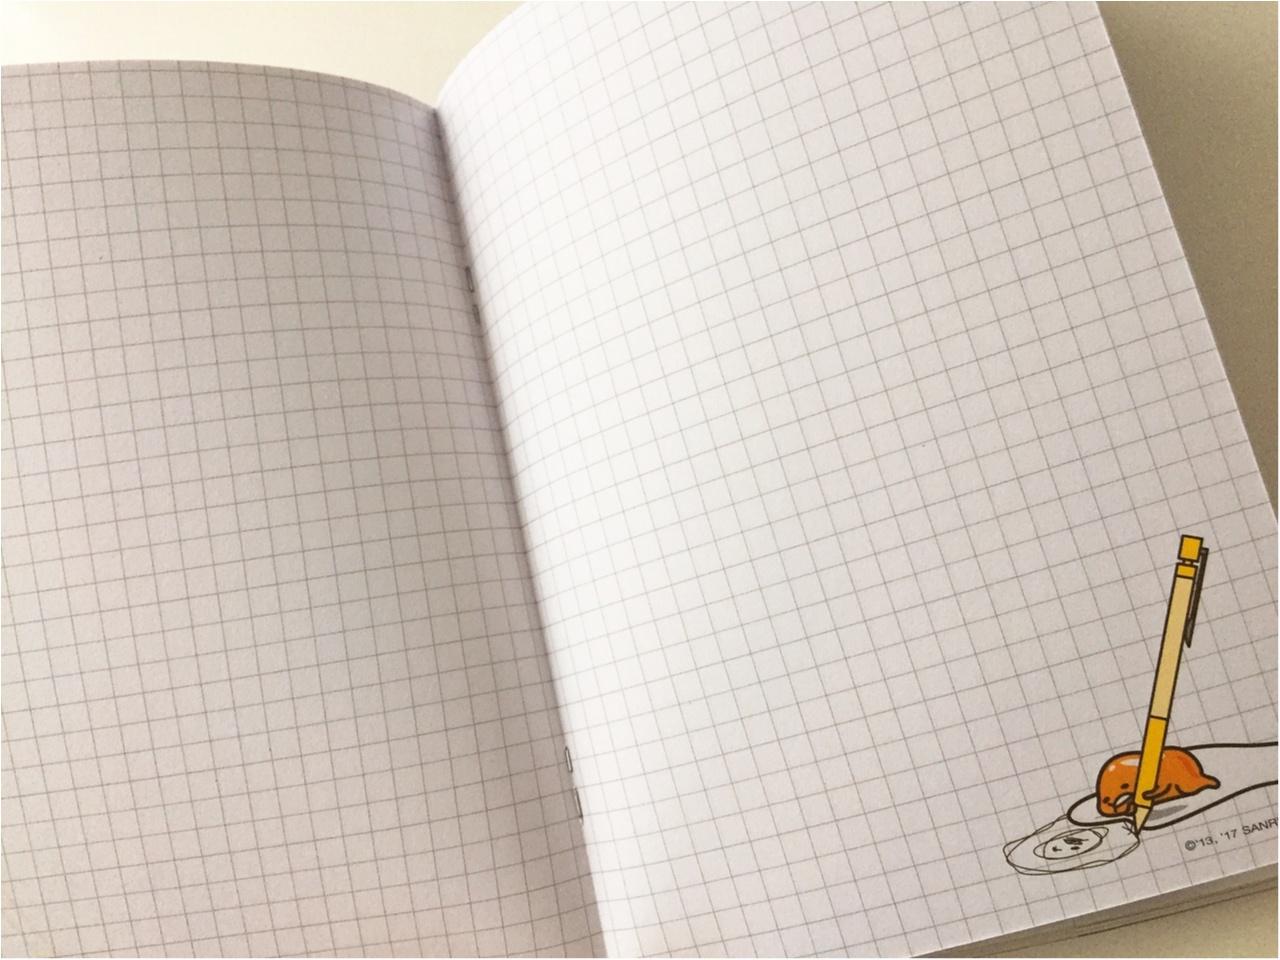 2018年のスケジュール帳はどうする?【ダイソー】のスケジュール帳グッズが種類豊富で可愛くて実用的でとにかくすごい!!_4